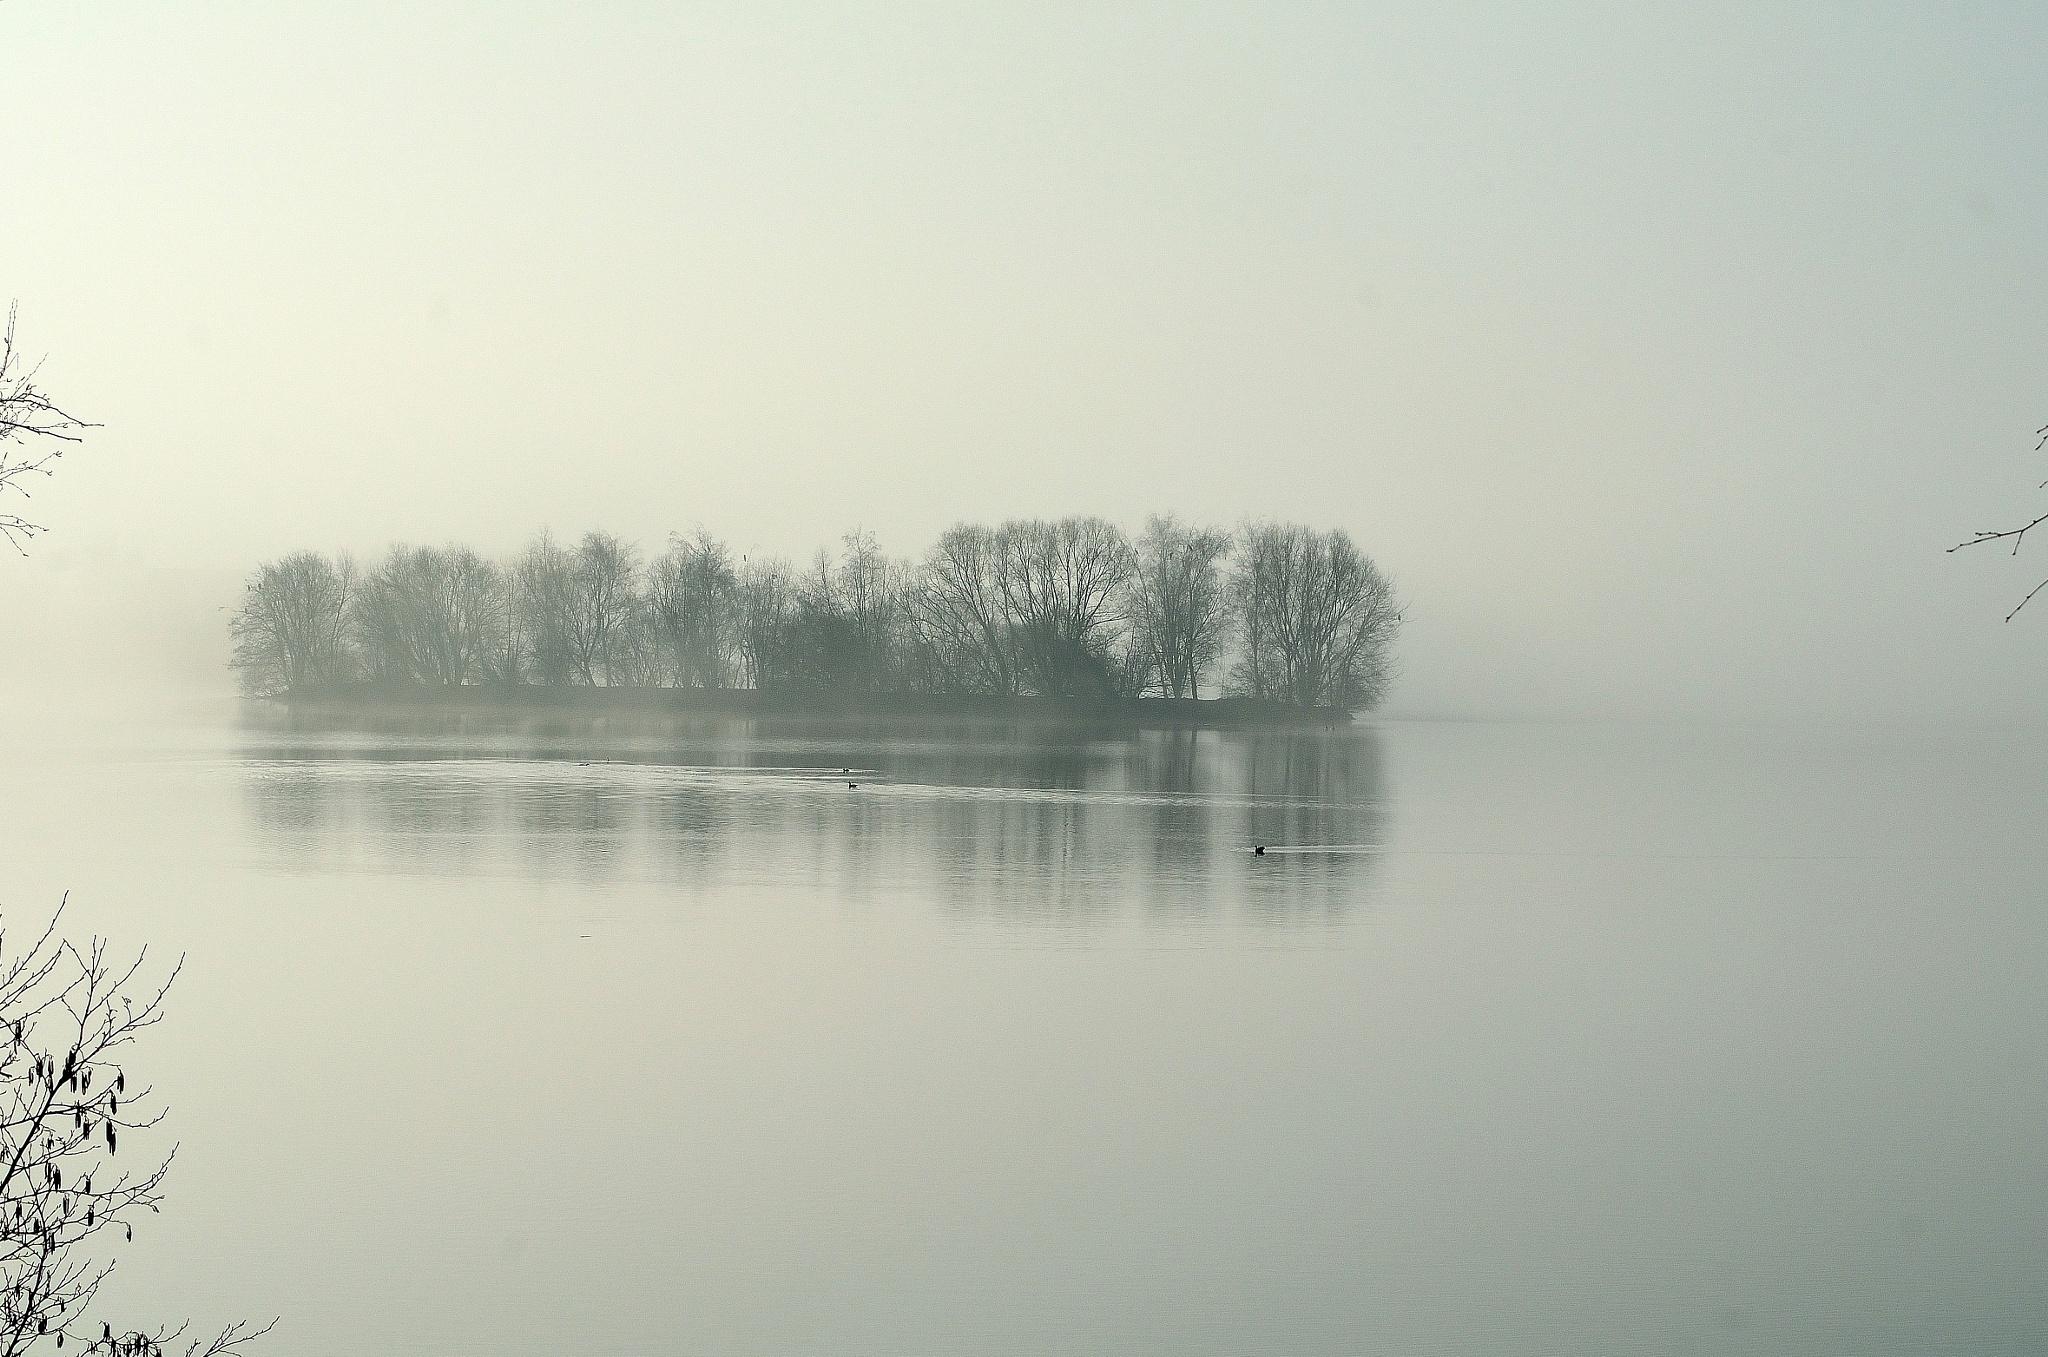 Spooky misty morning by Henk Meima